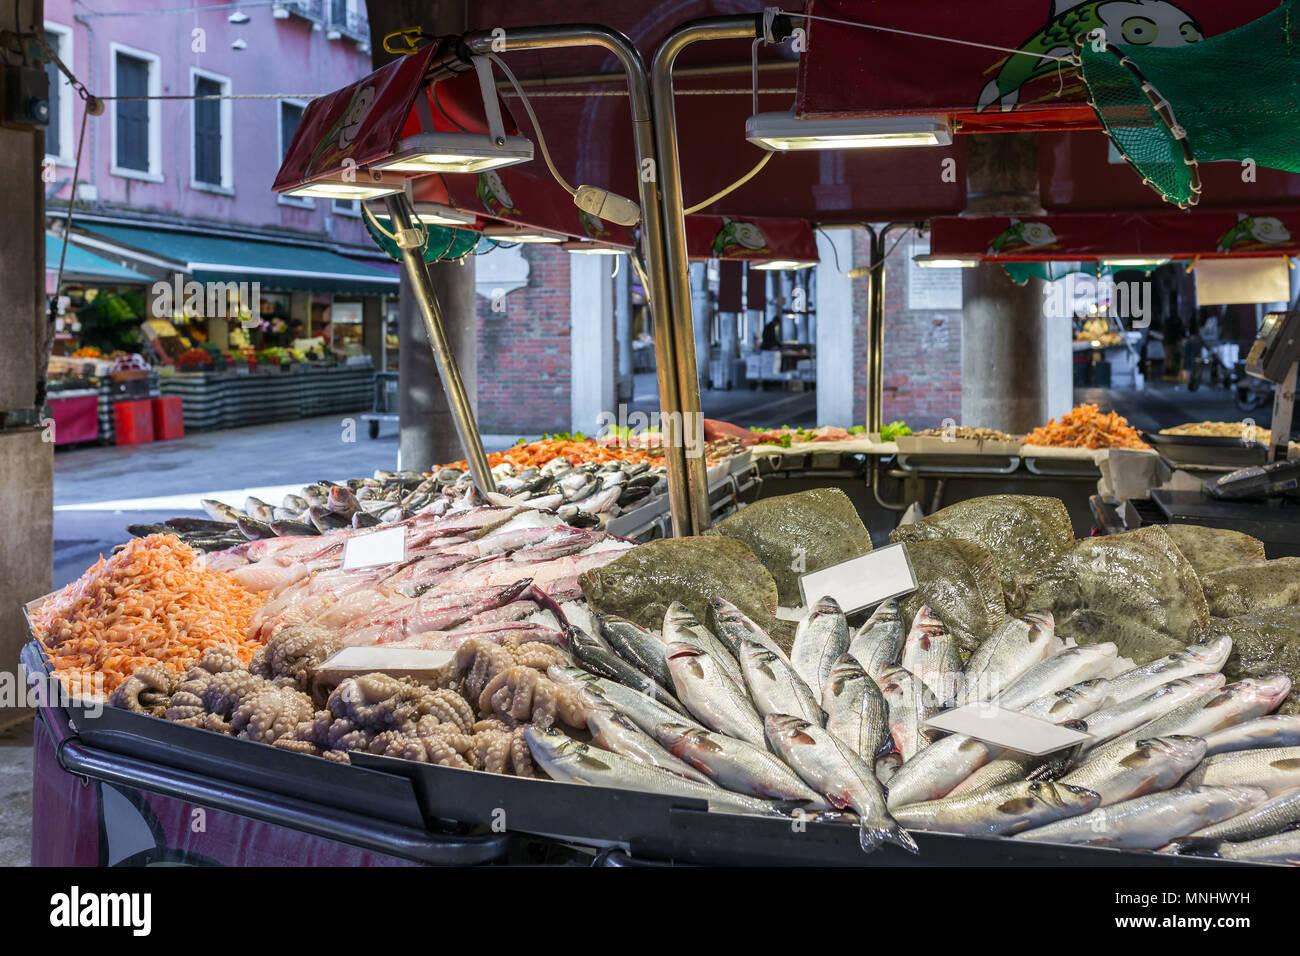 Mercato Ittico Di Rialto Is A Venetian Fish Market In Venice Italy